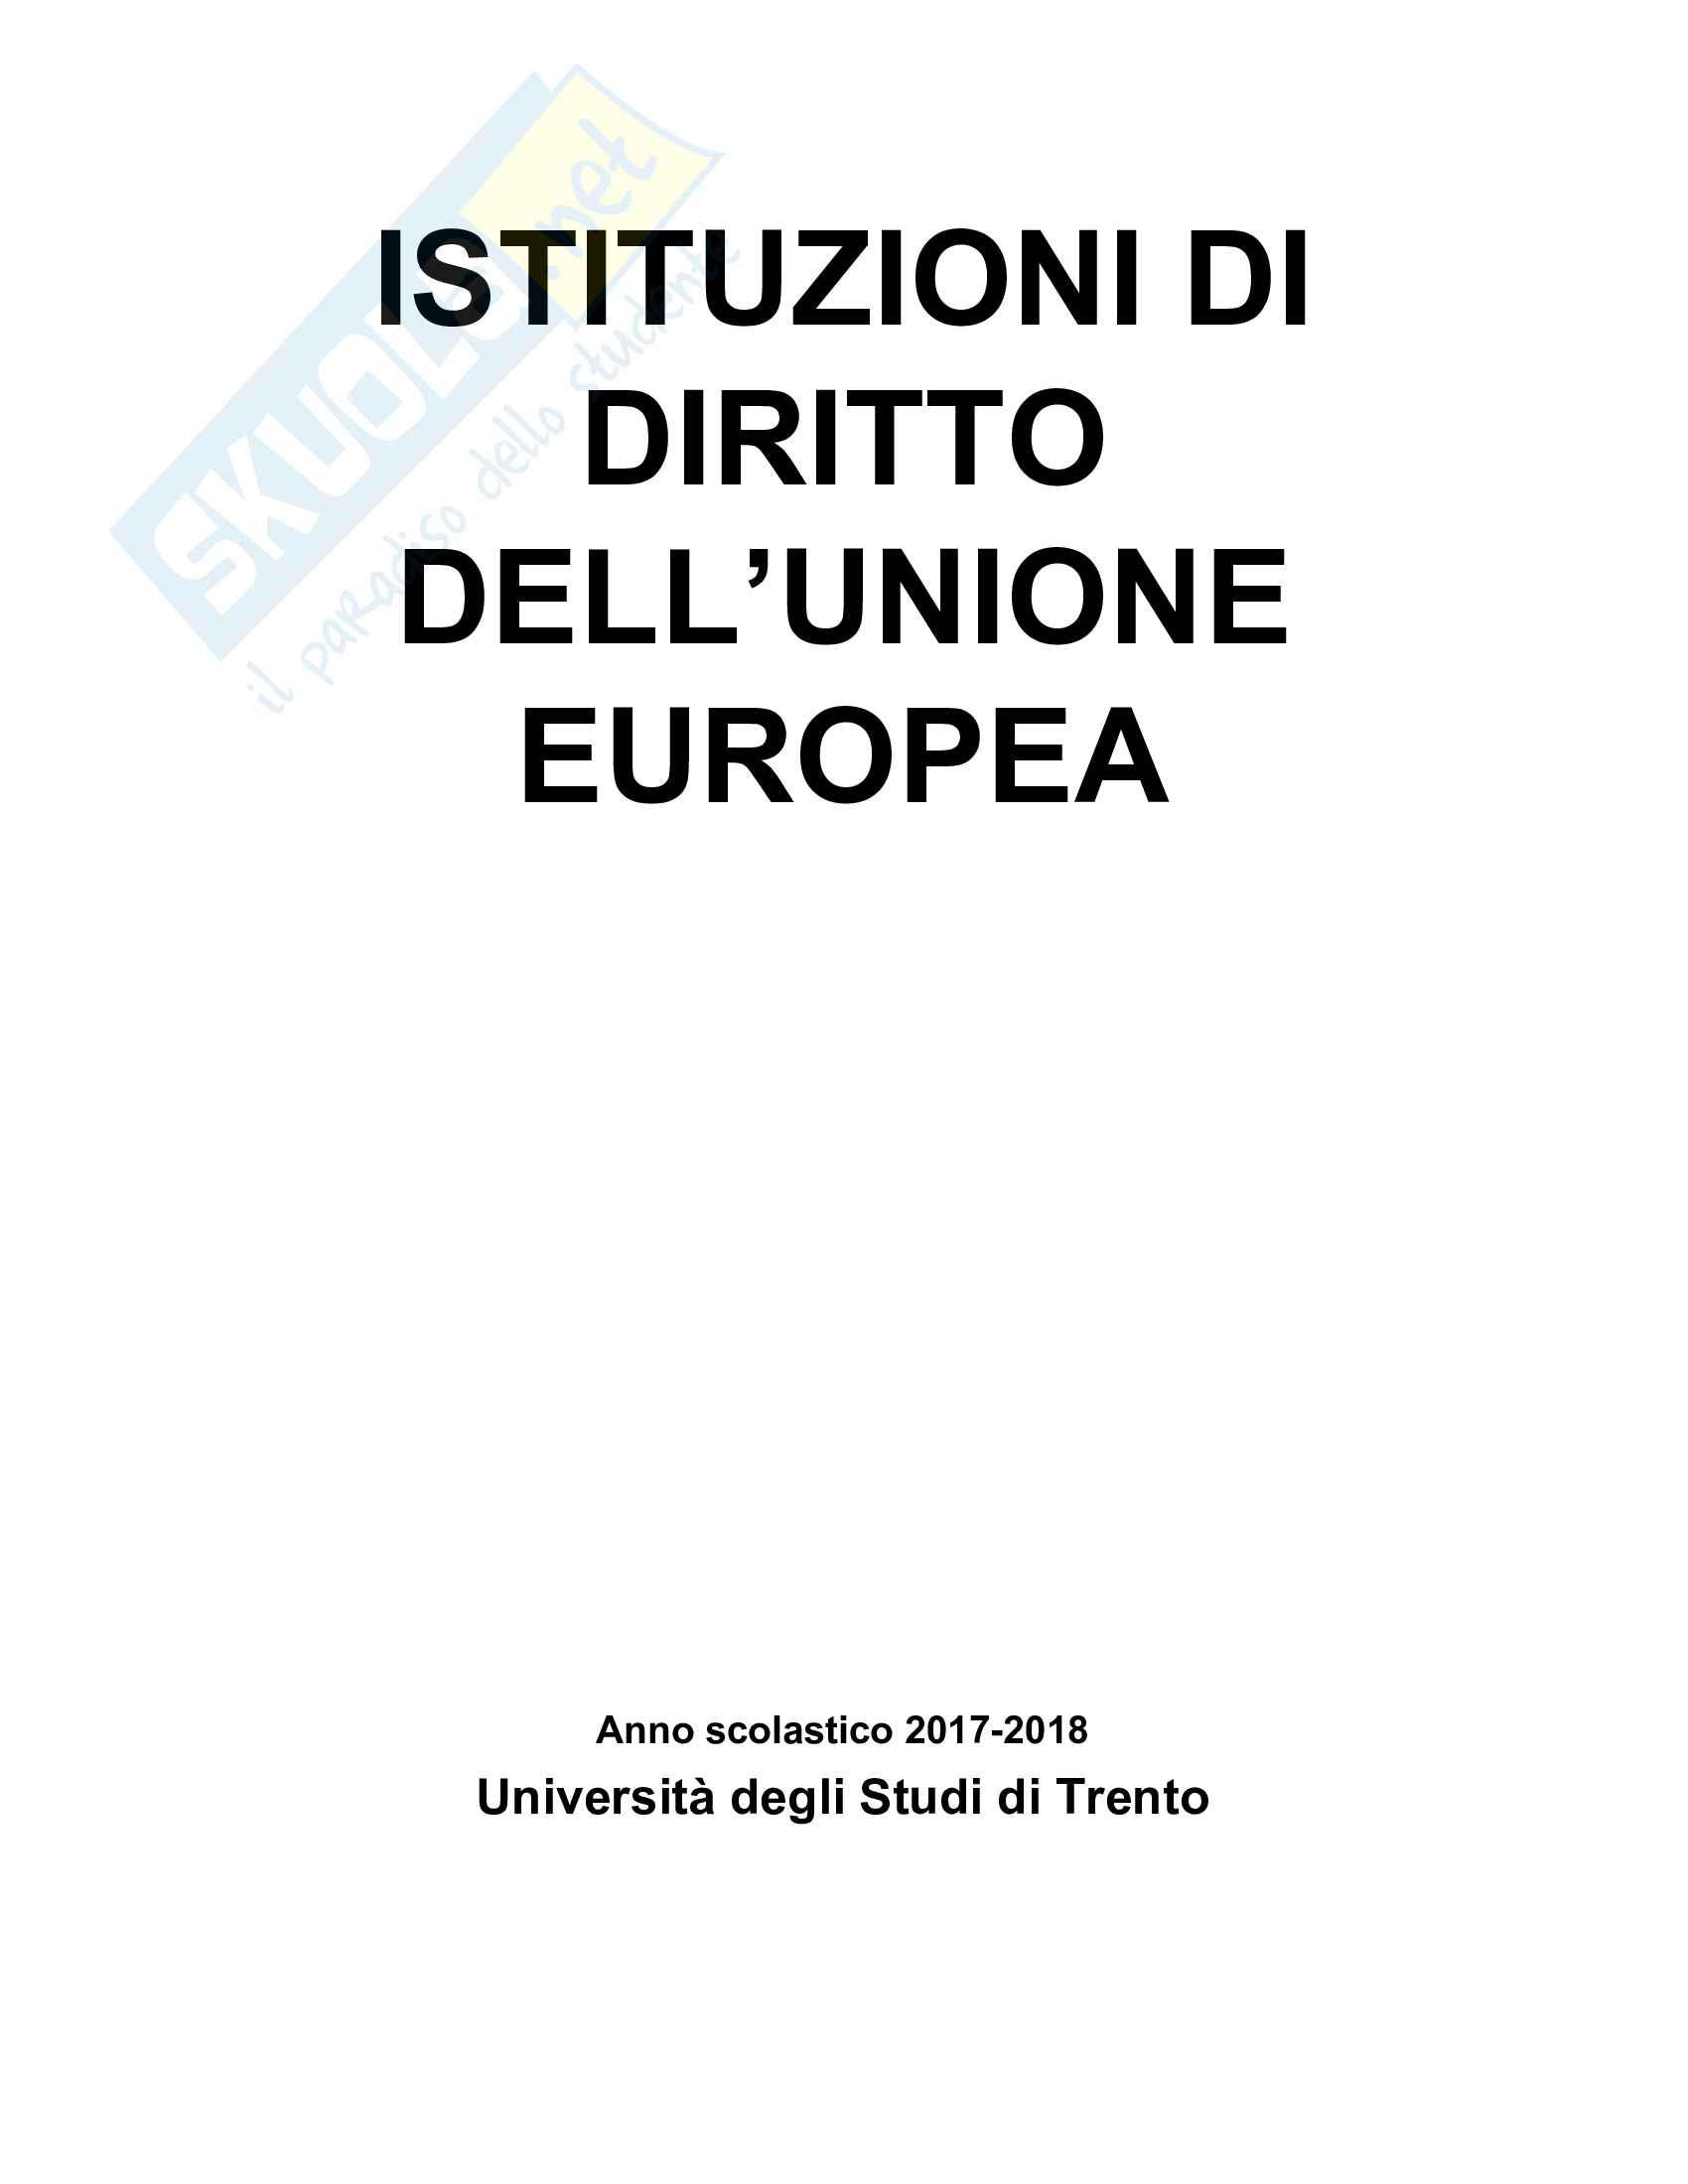 Riassunto esame diritto dell'Unione europea